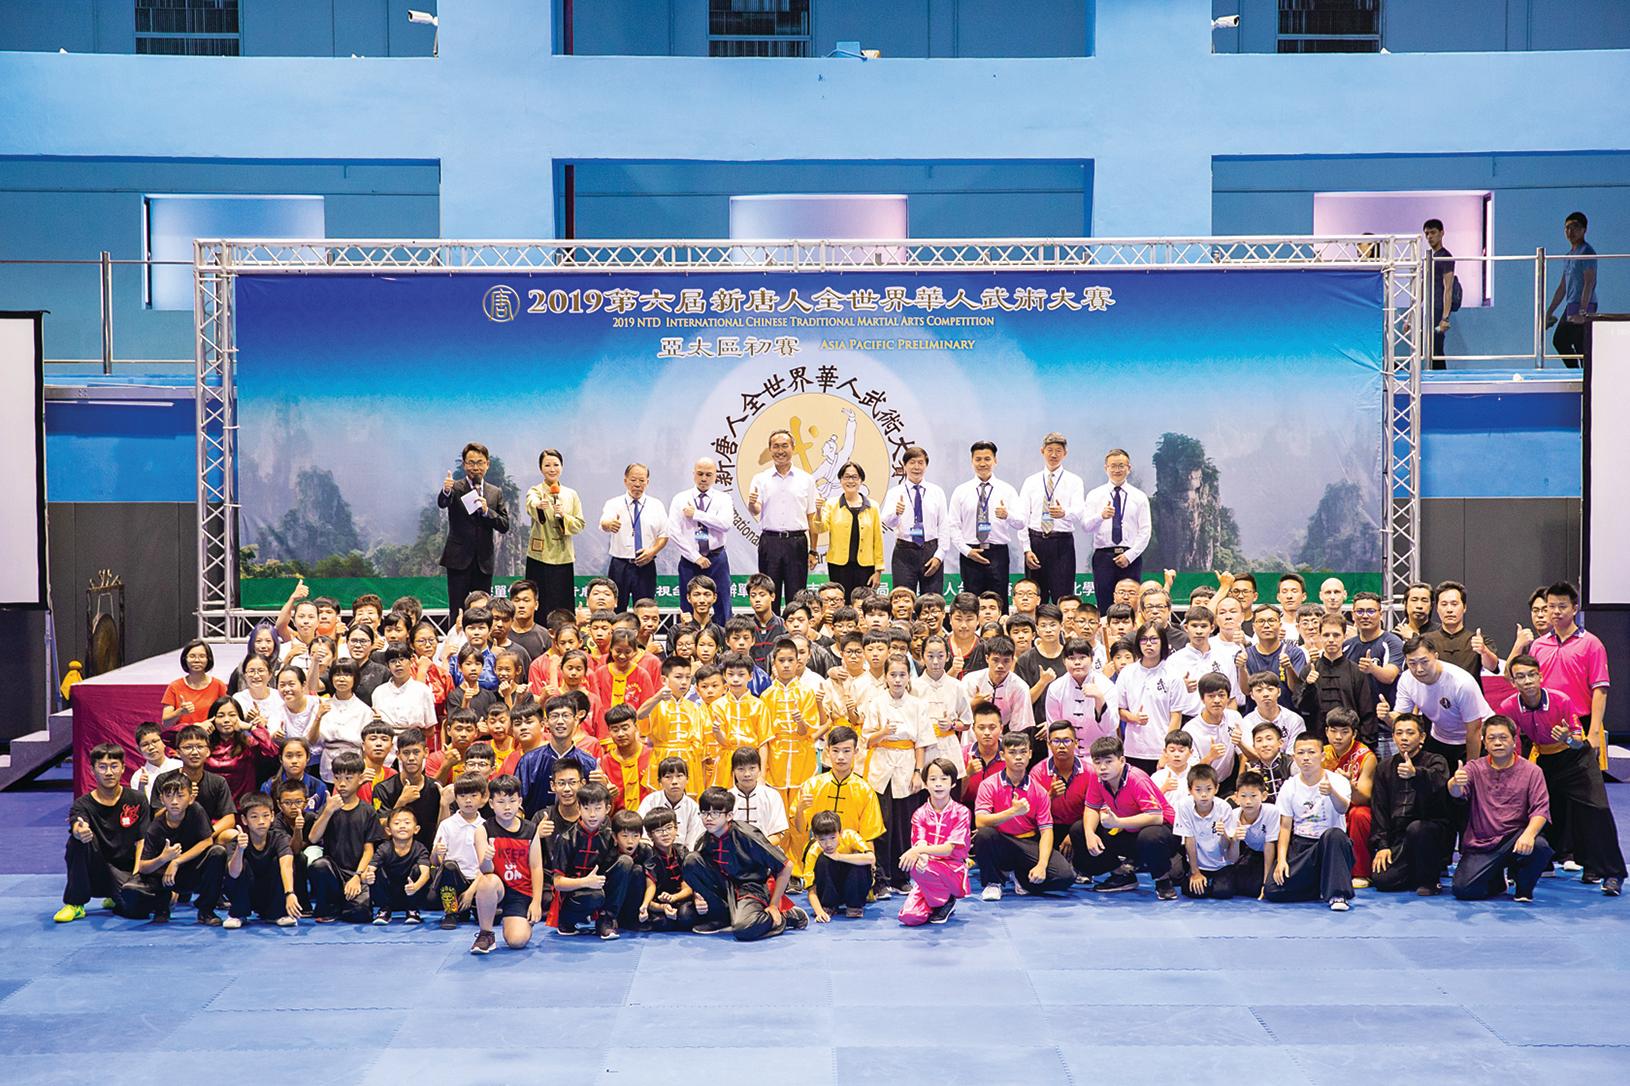 第六屆「新唐人全世界華人武術大賽」亞太區初賽6月8日在台北體育館舉行,本次比賽高手雲集,共有178位選手參賽。(陳柏州/大紀元)